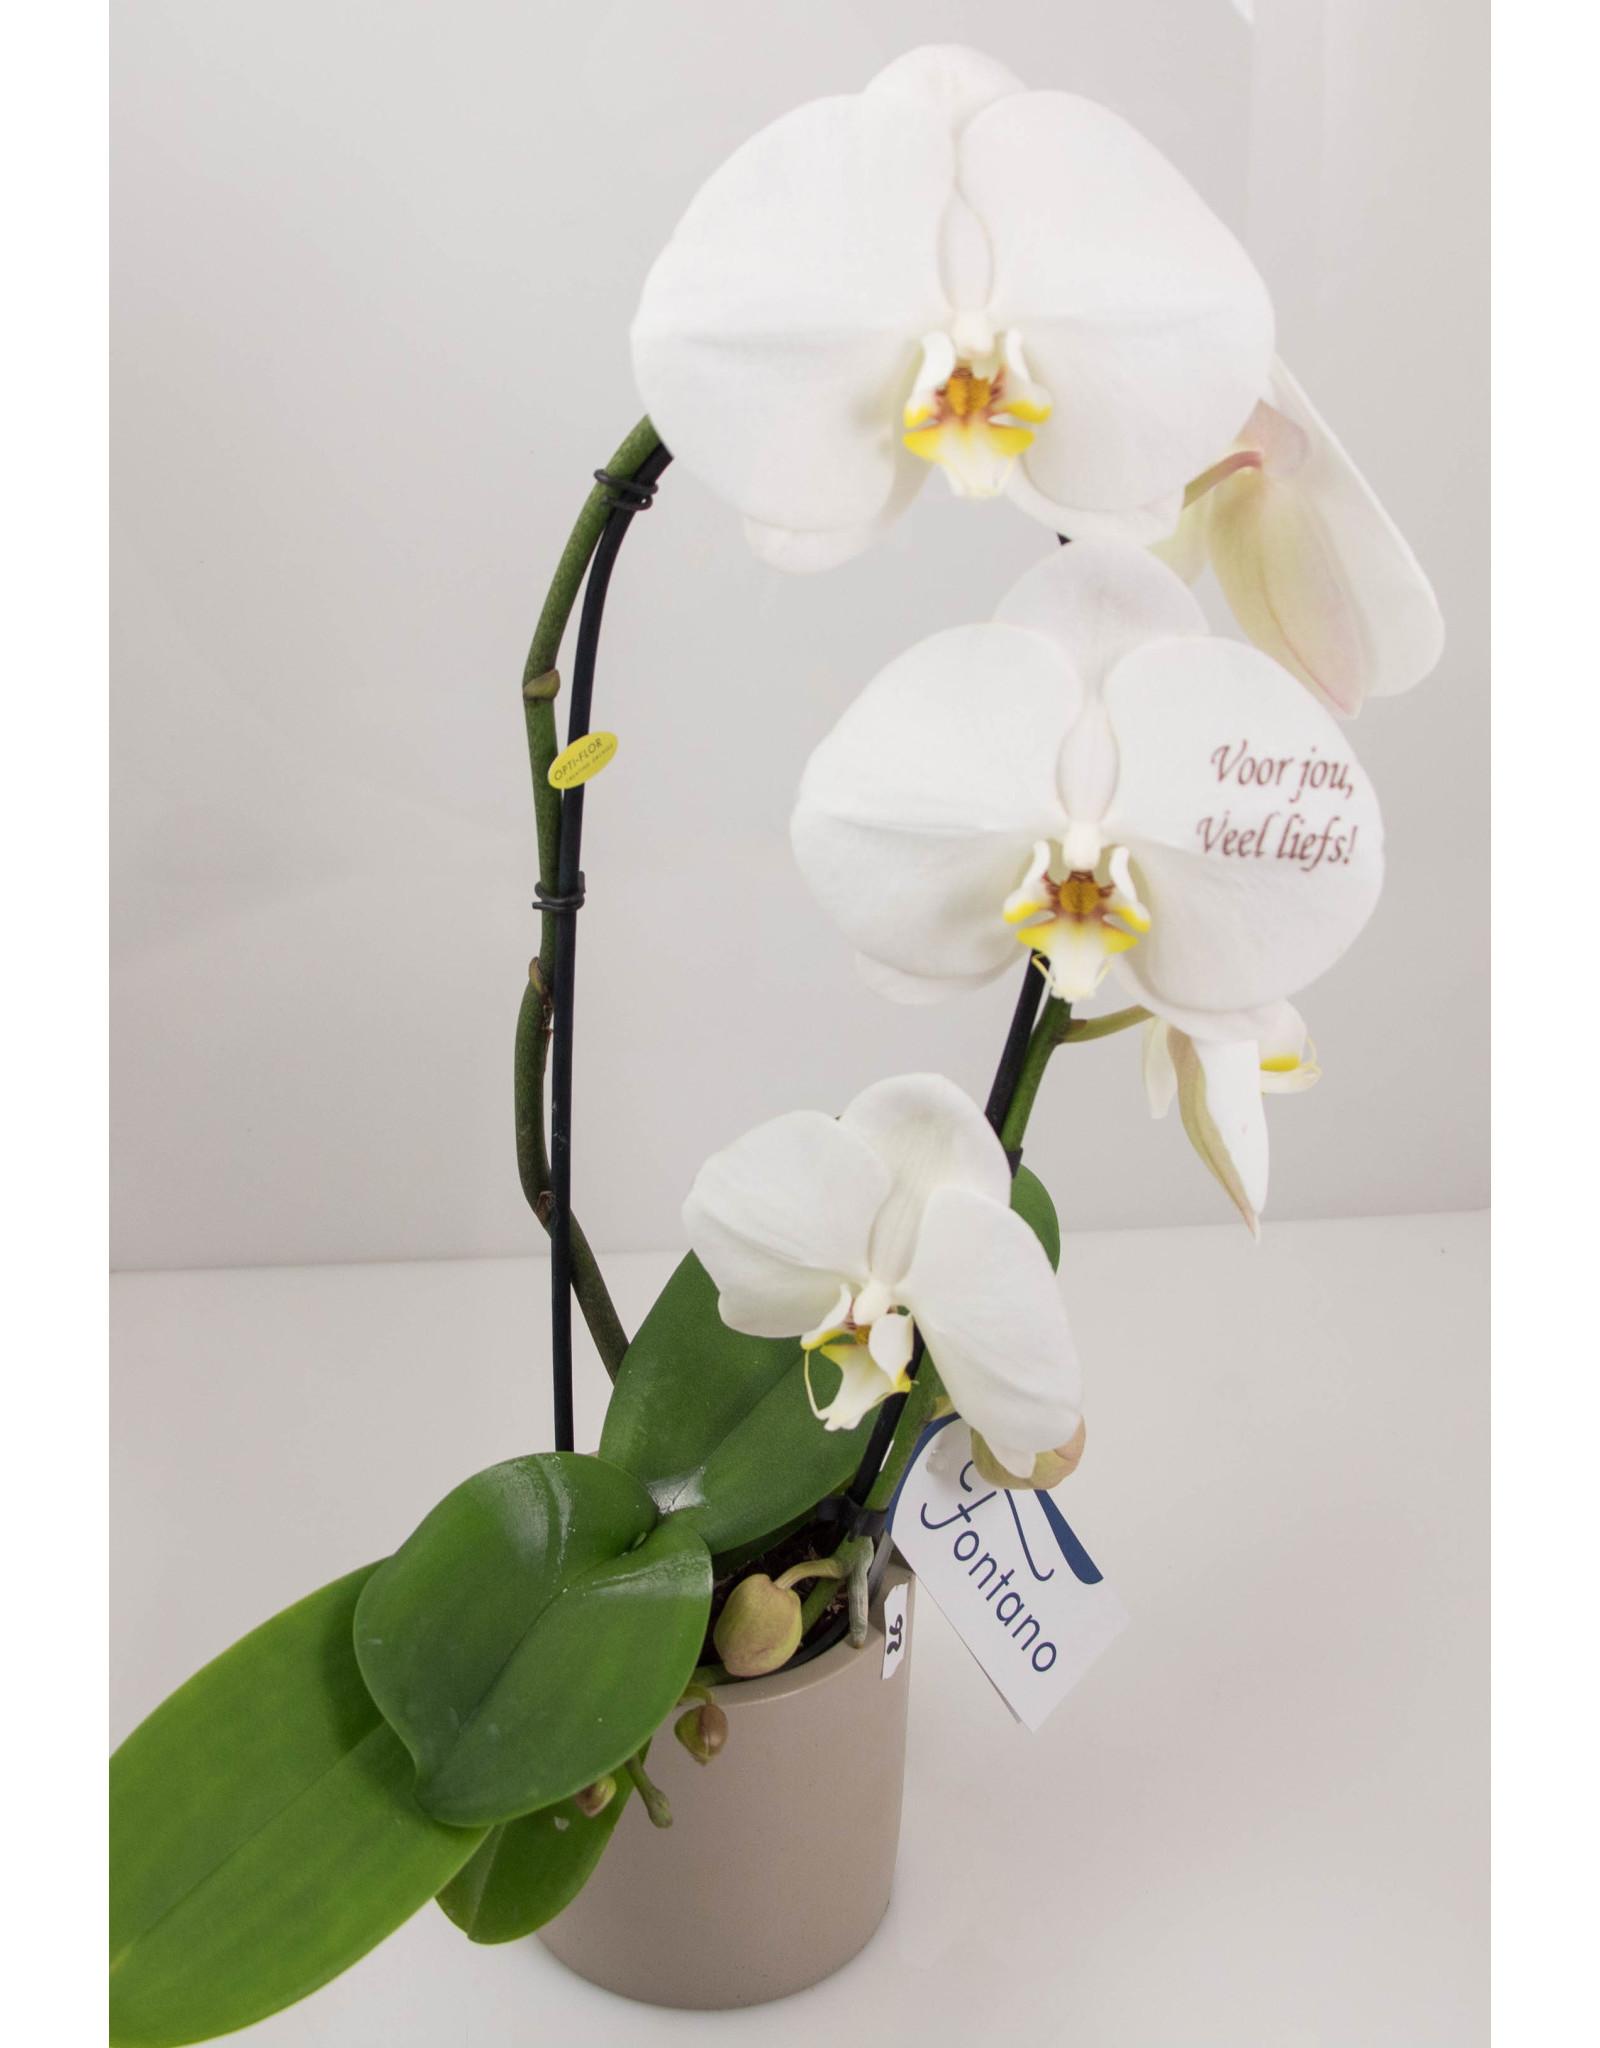 Orchidee - Voor jou, veel liefs